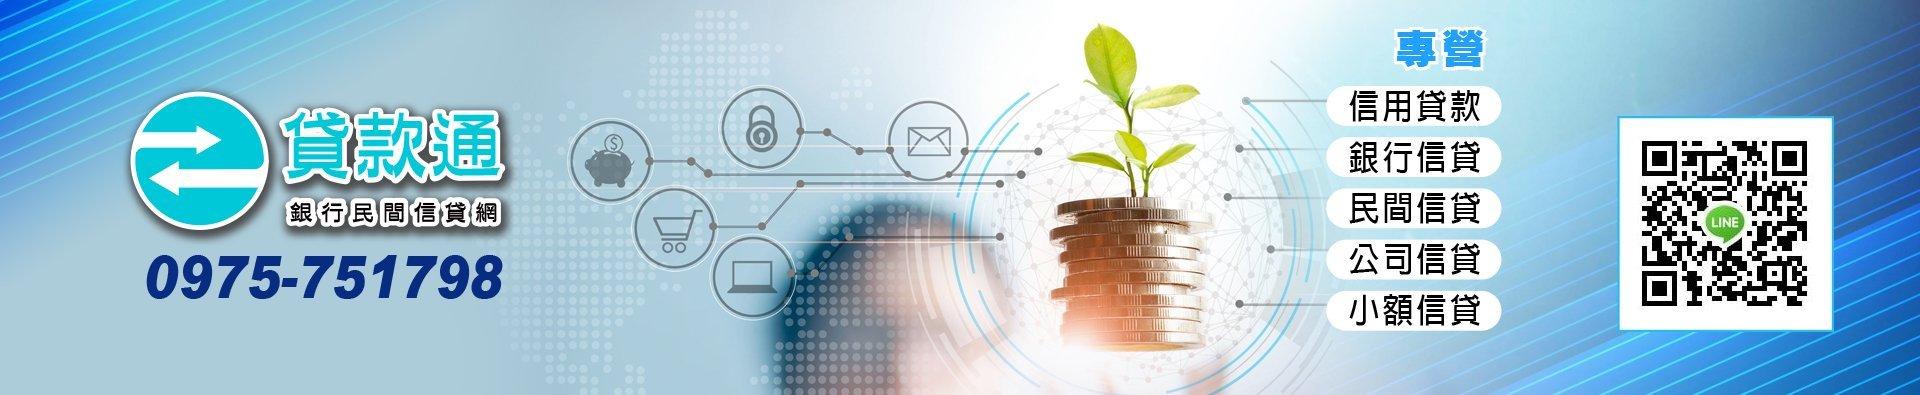 貸款通一站式信用貸款服務